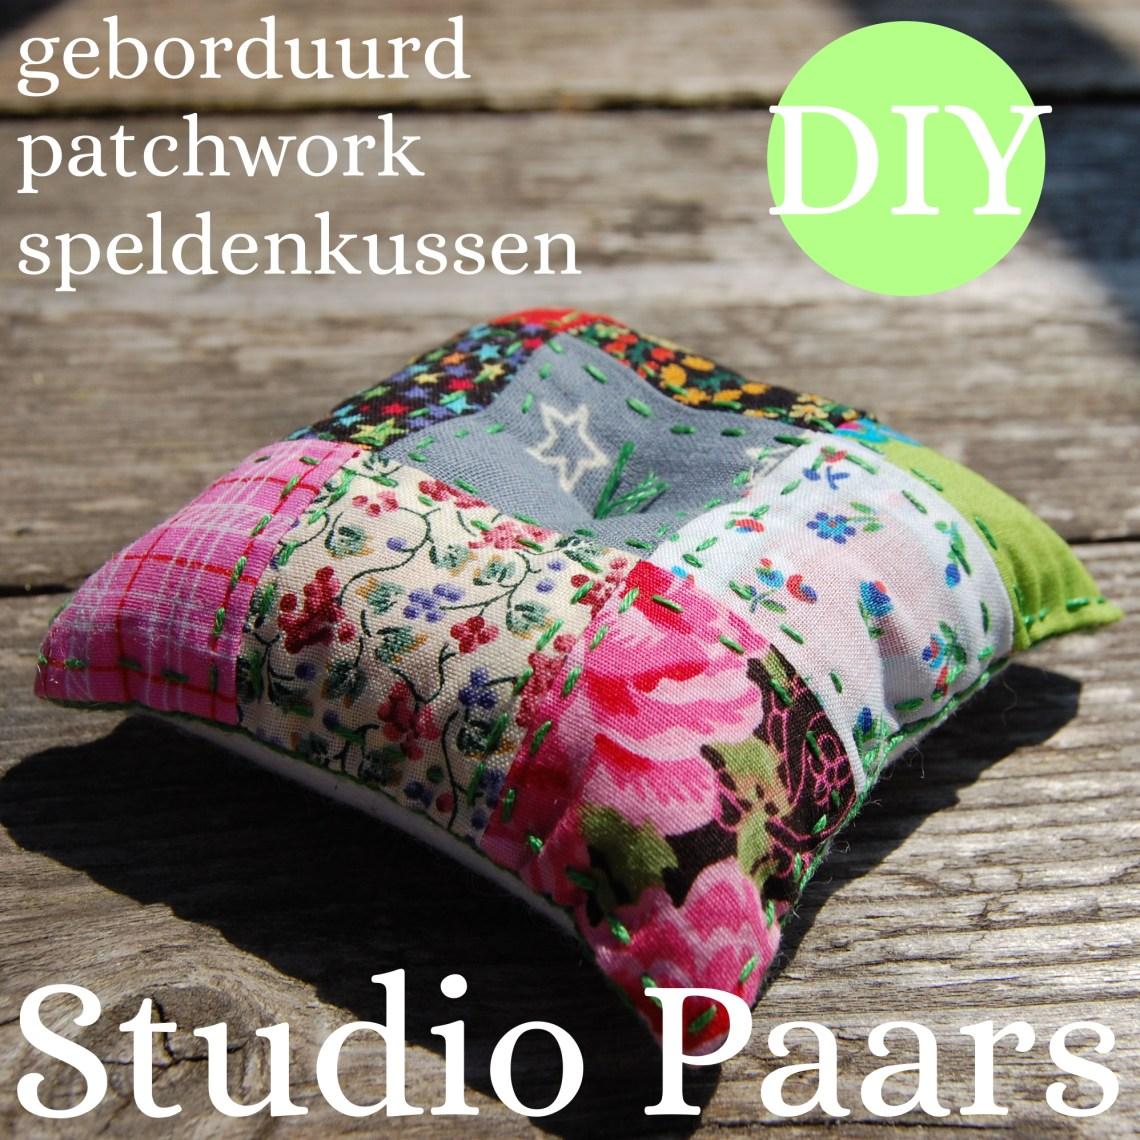 diy zelf een patchwork speldenkussen maken: tutorial door studio paars